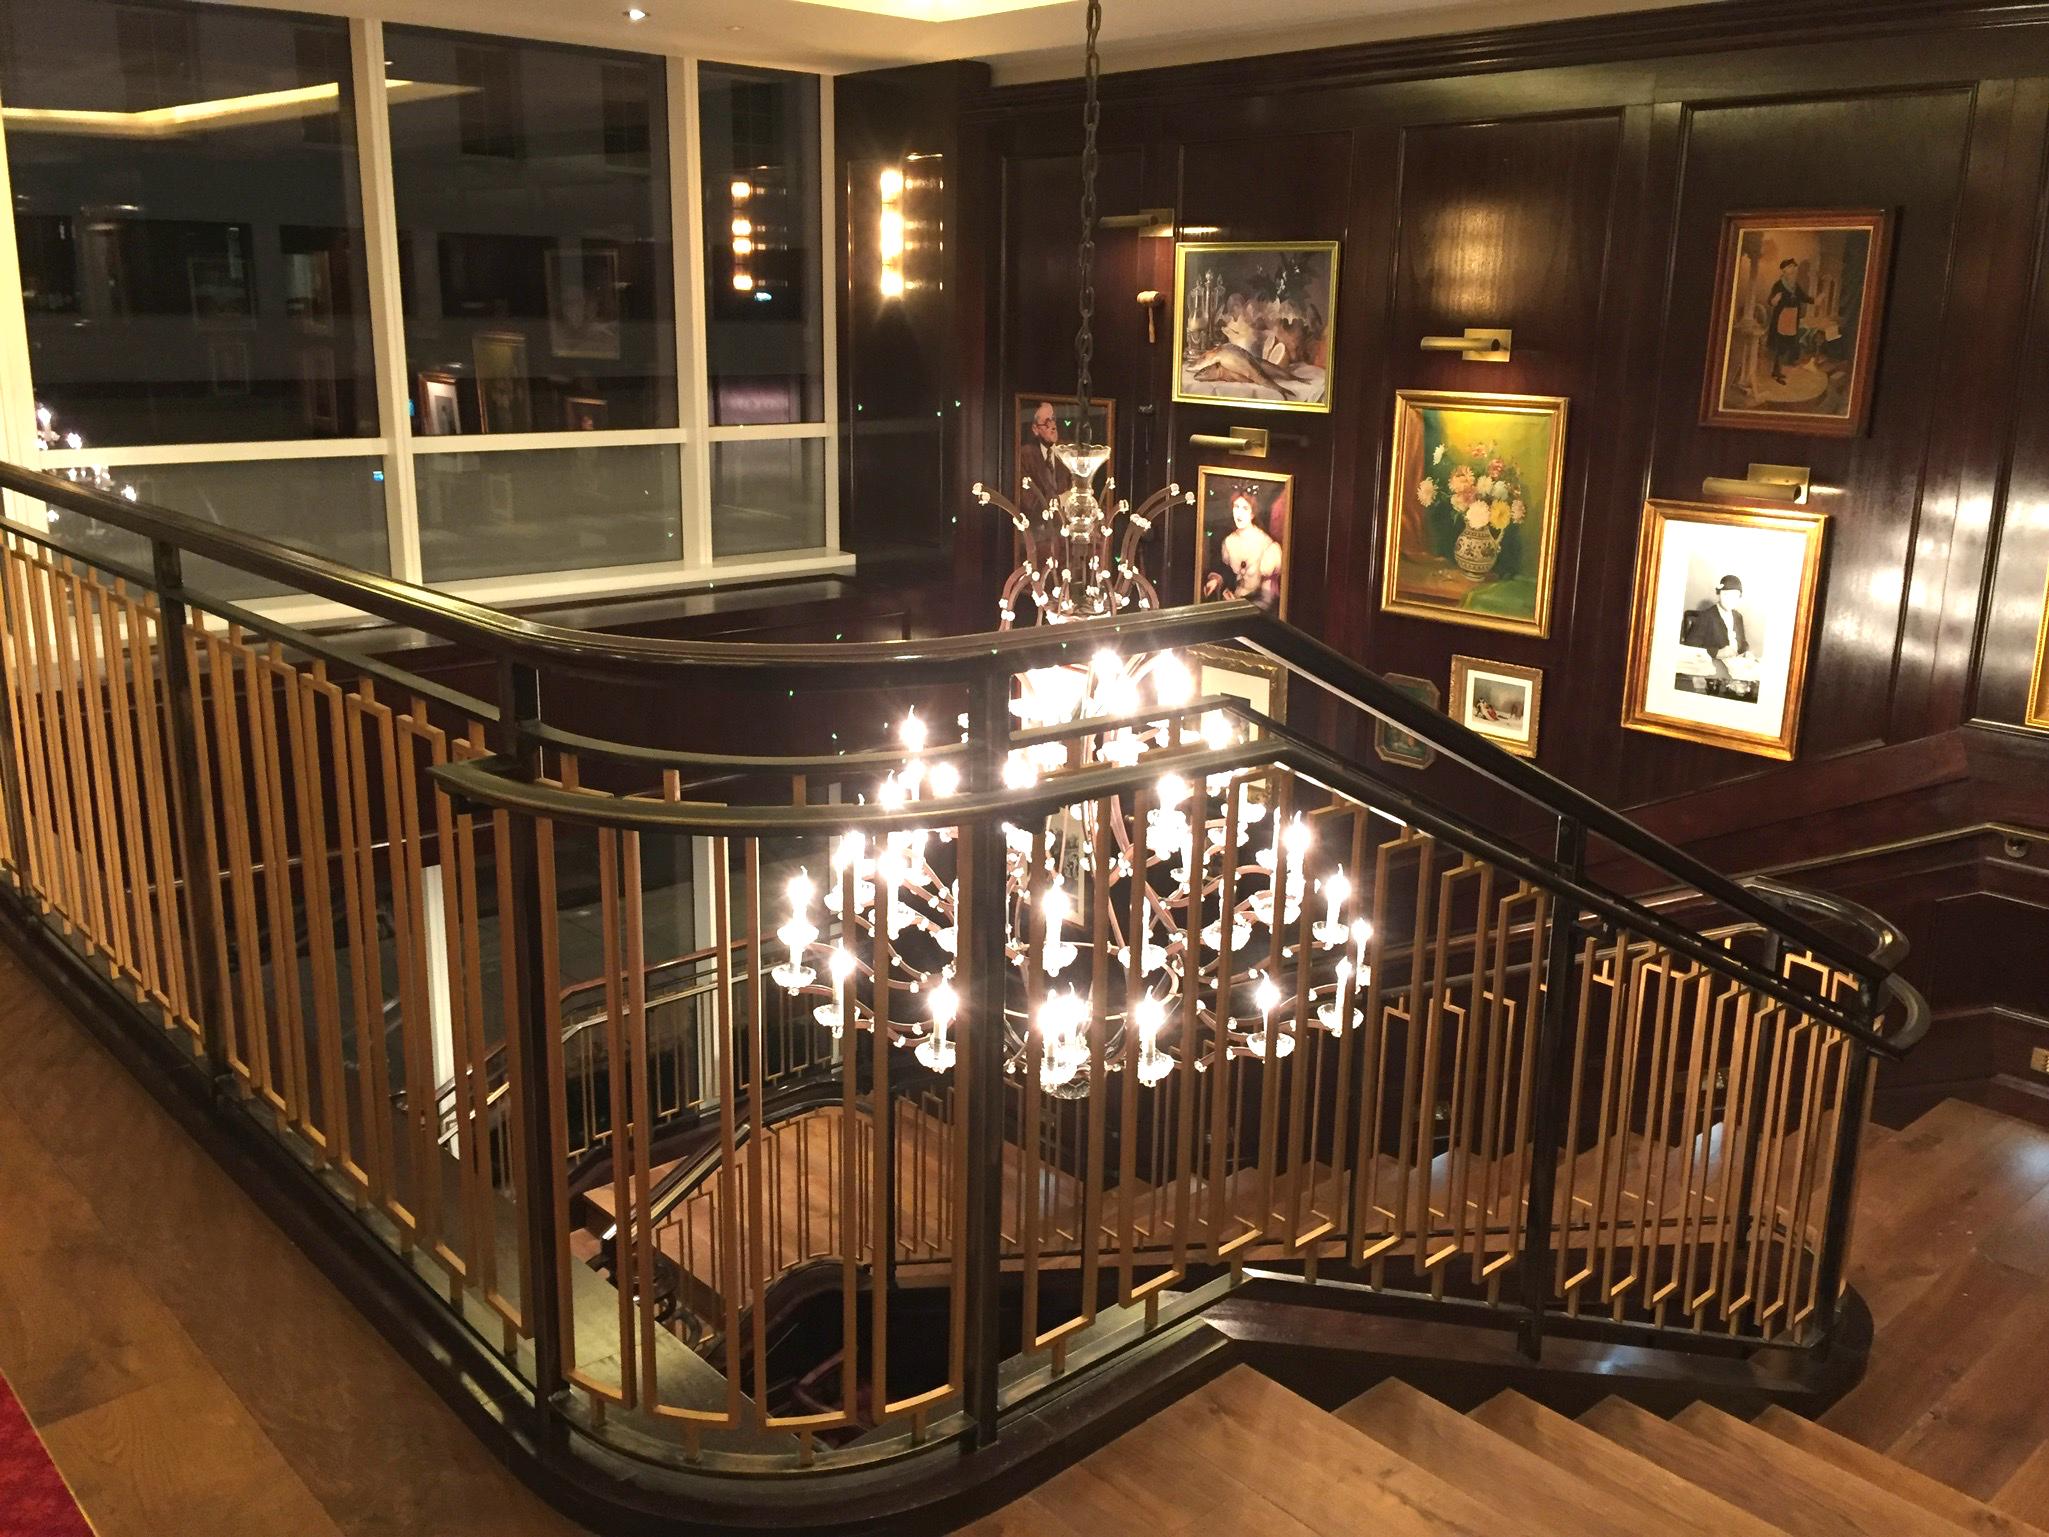 Rare Steak & Seafood restaurant stairway